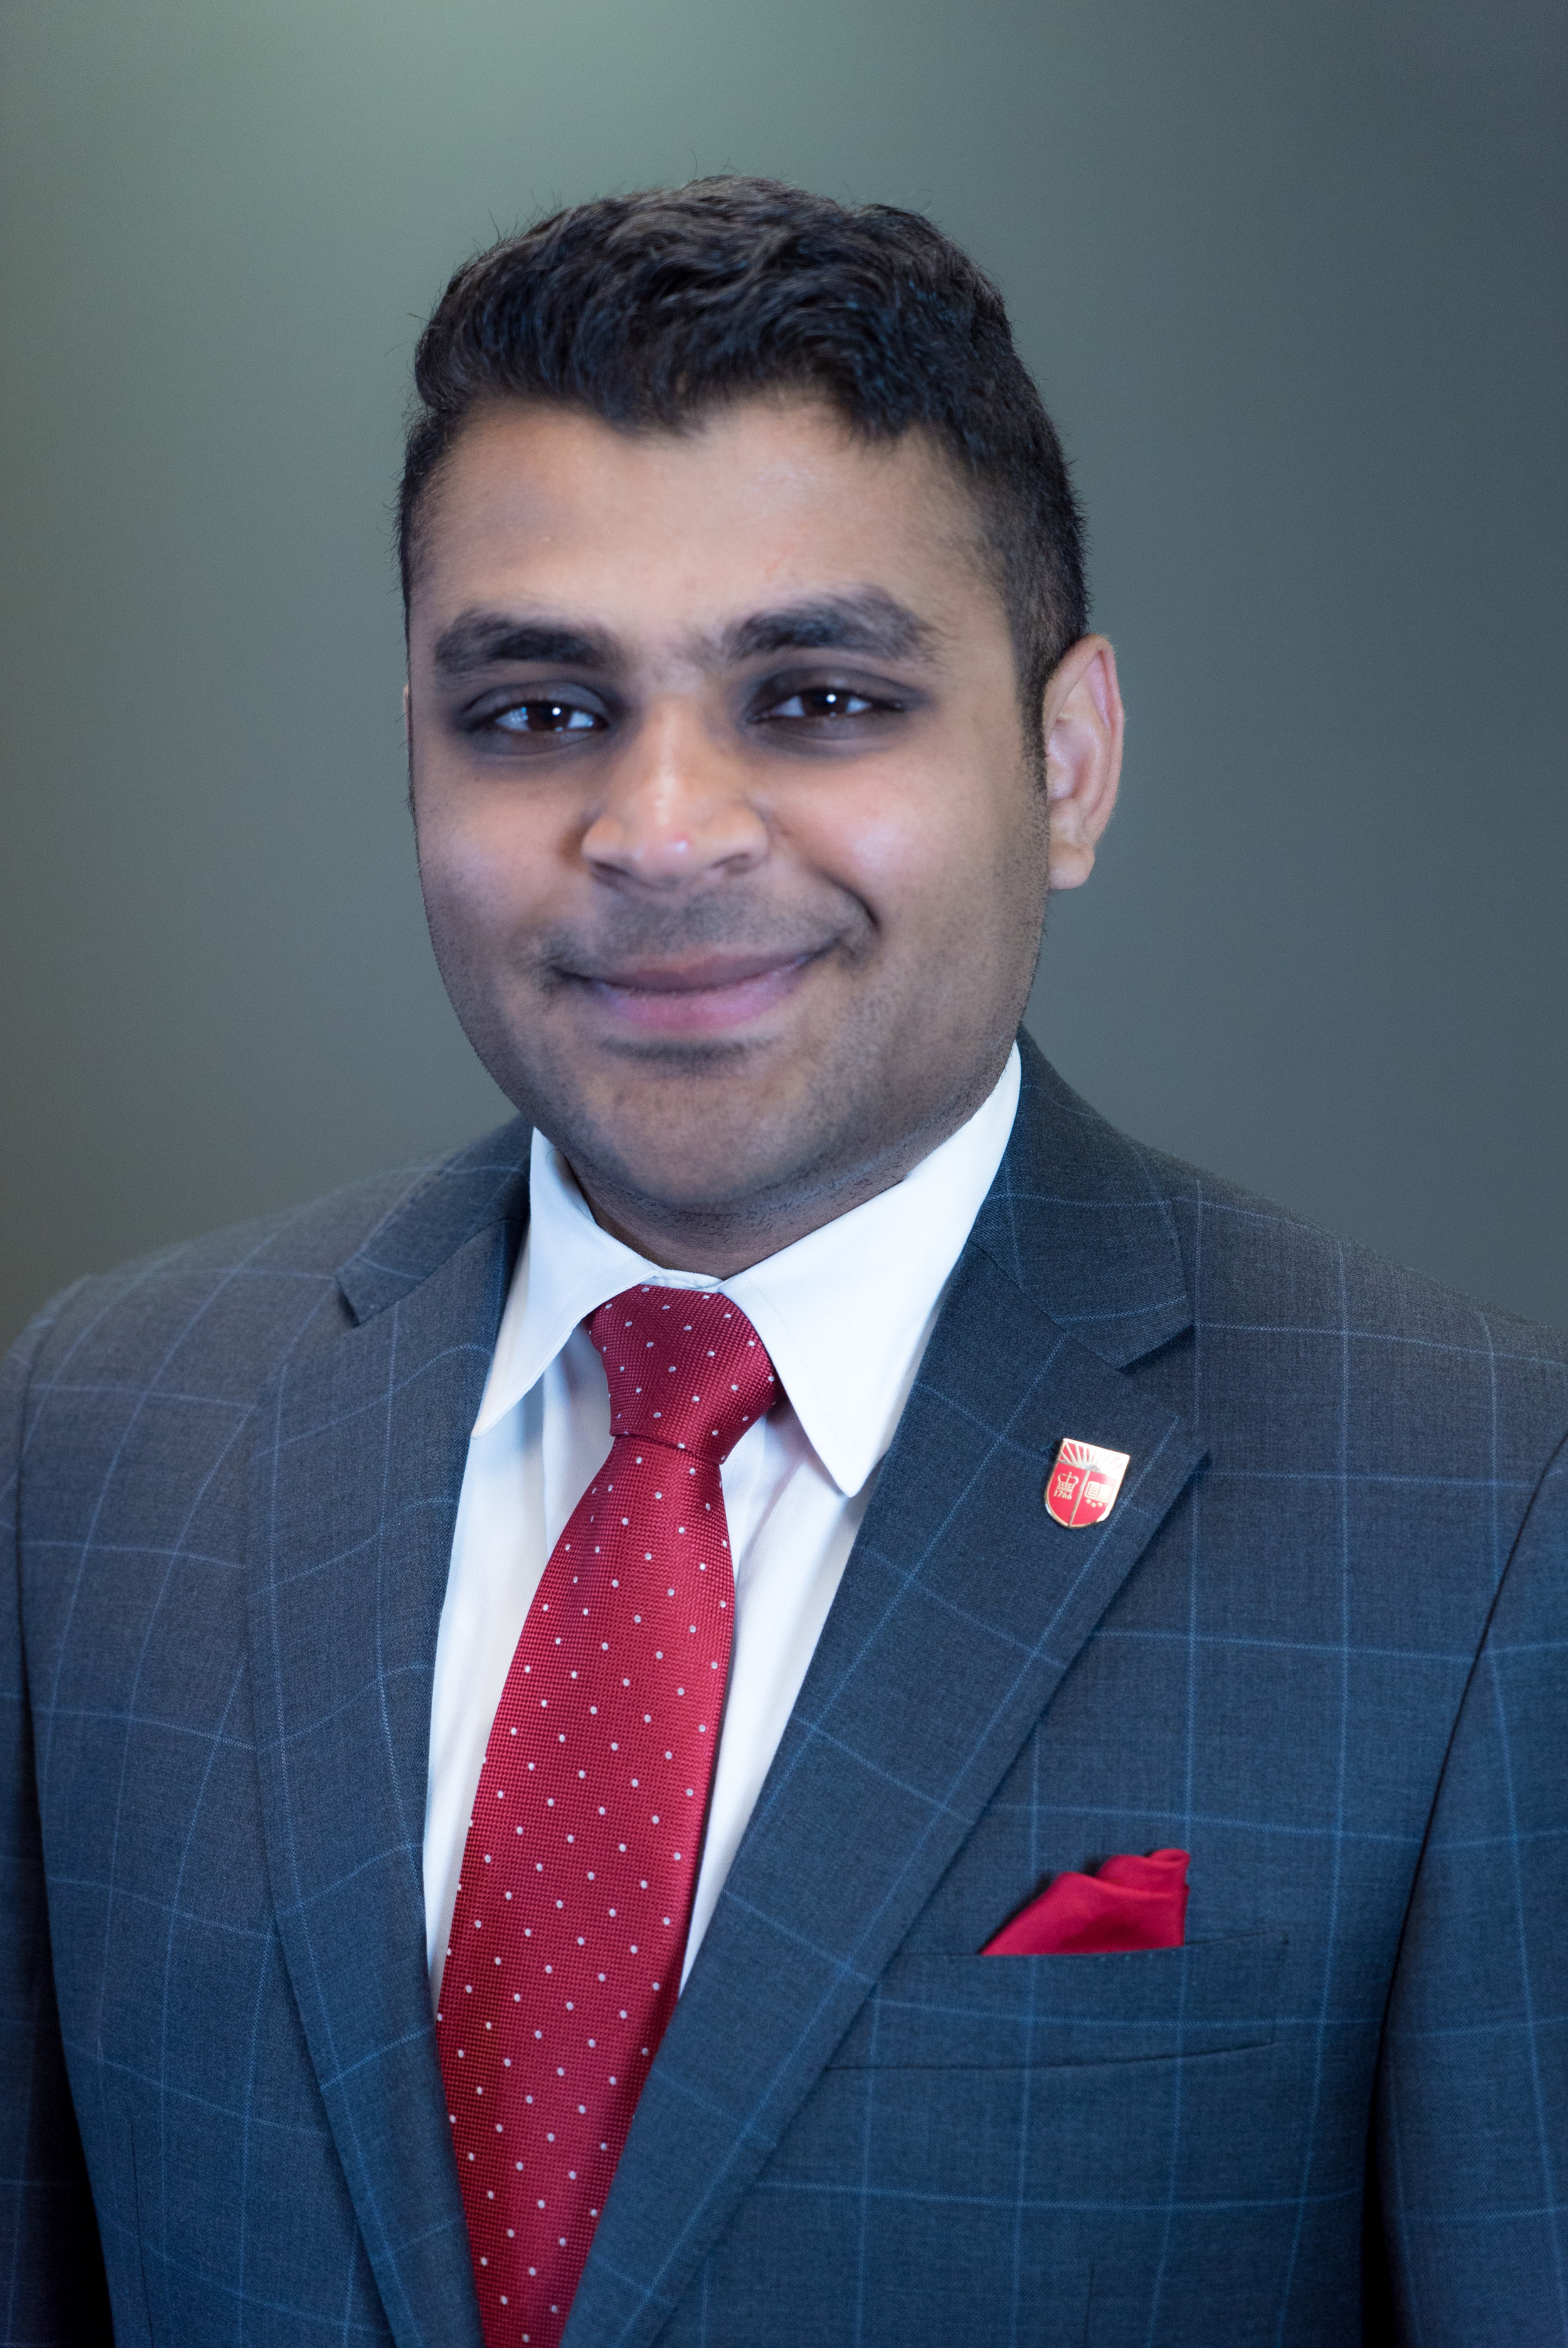 Anish J Patel.jpg